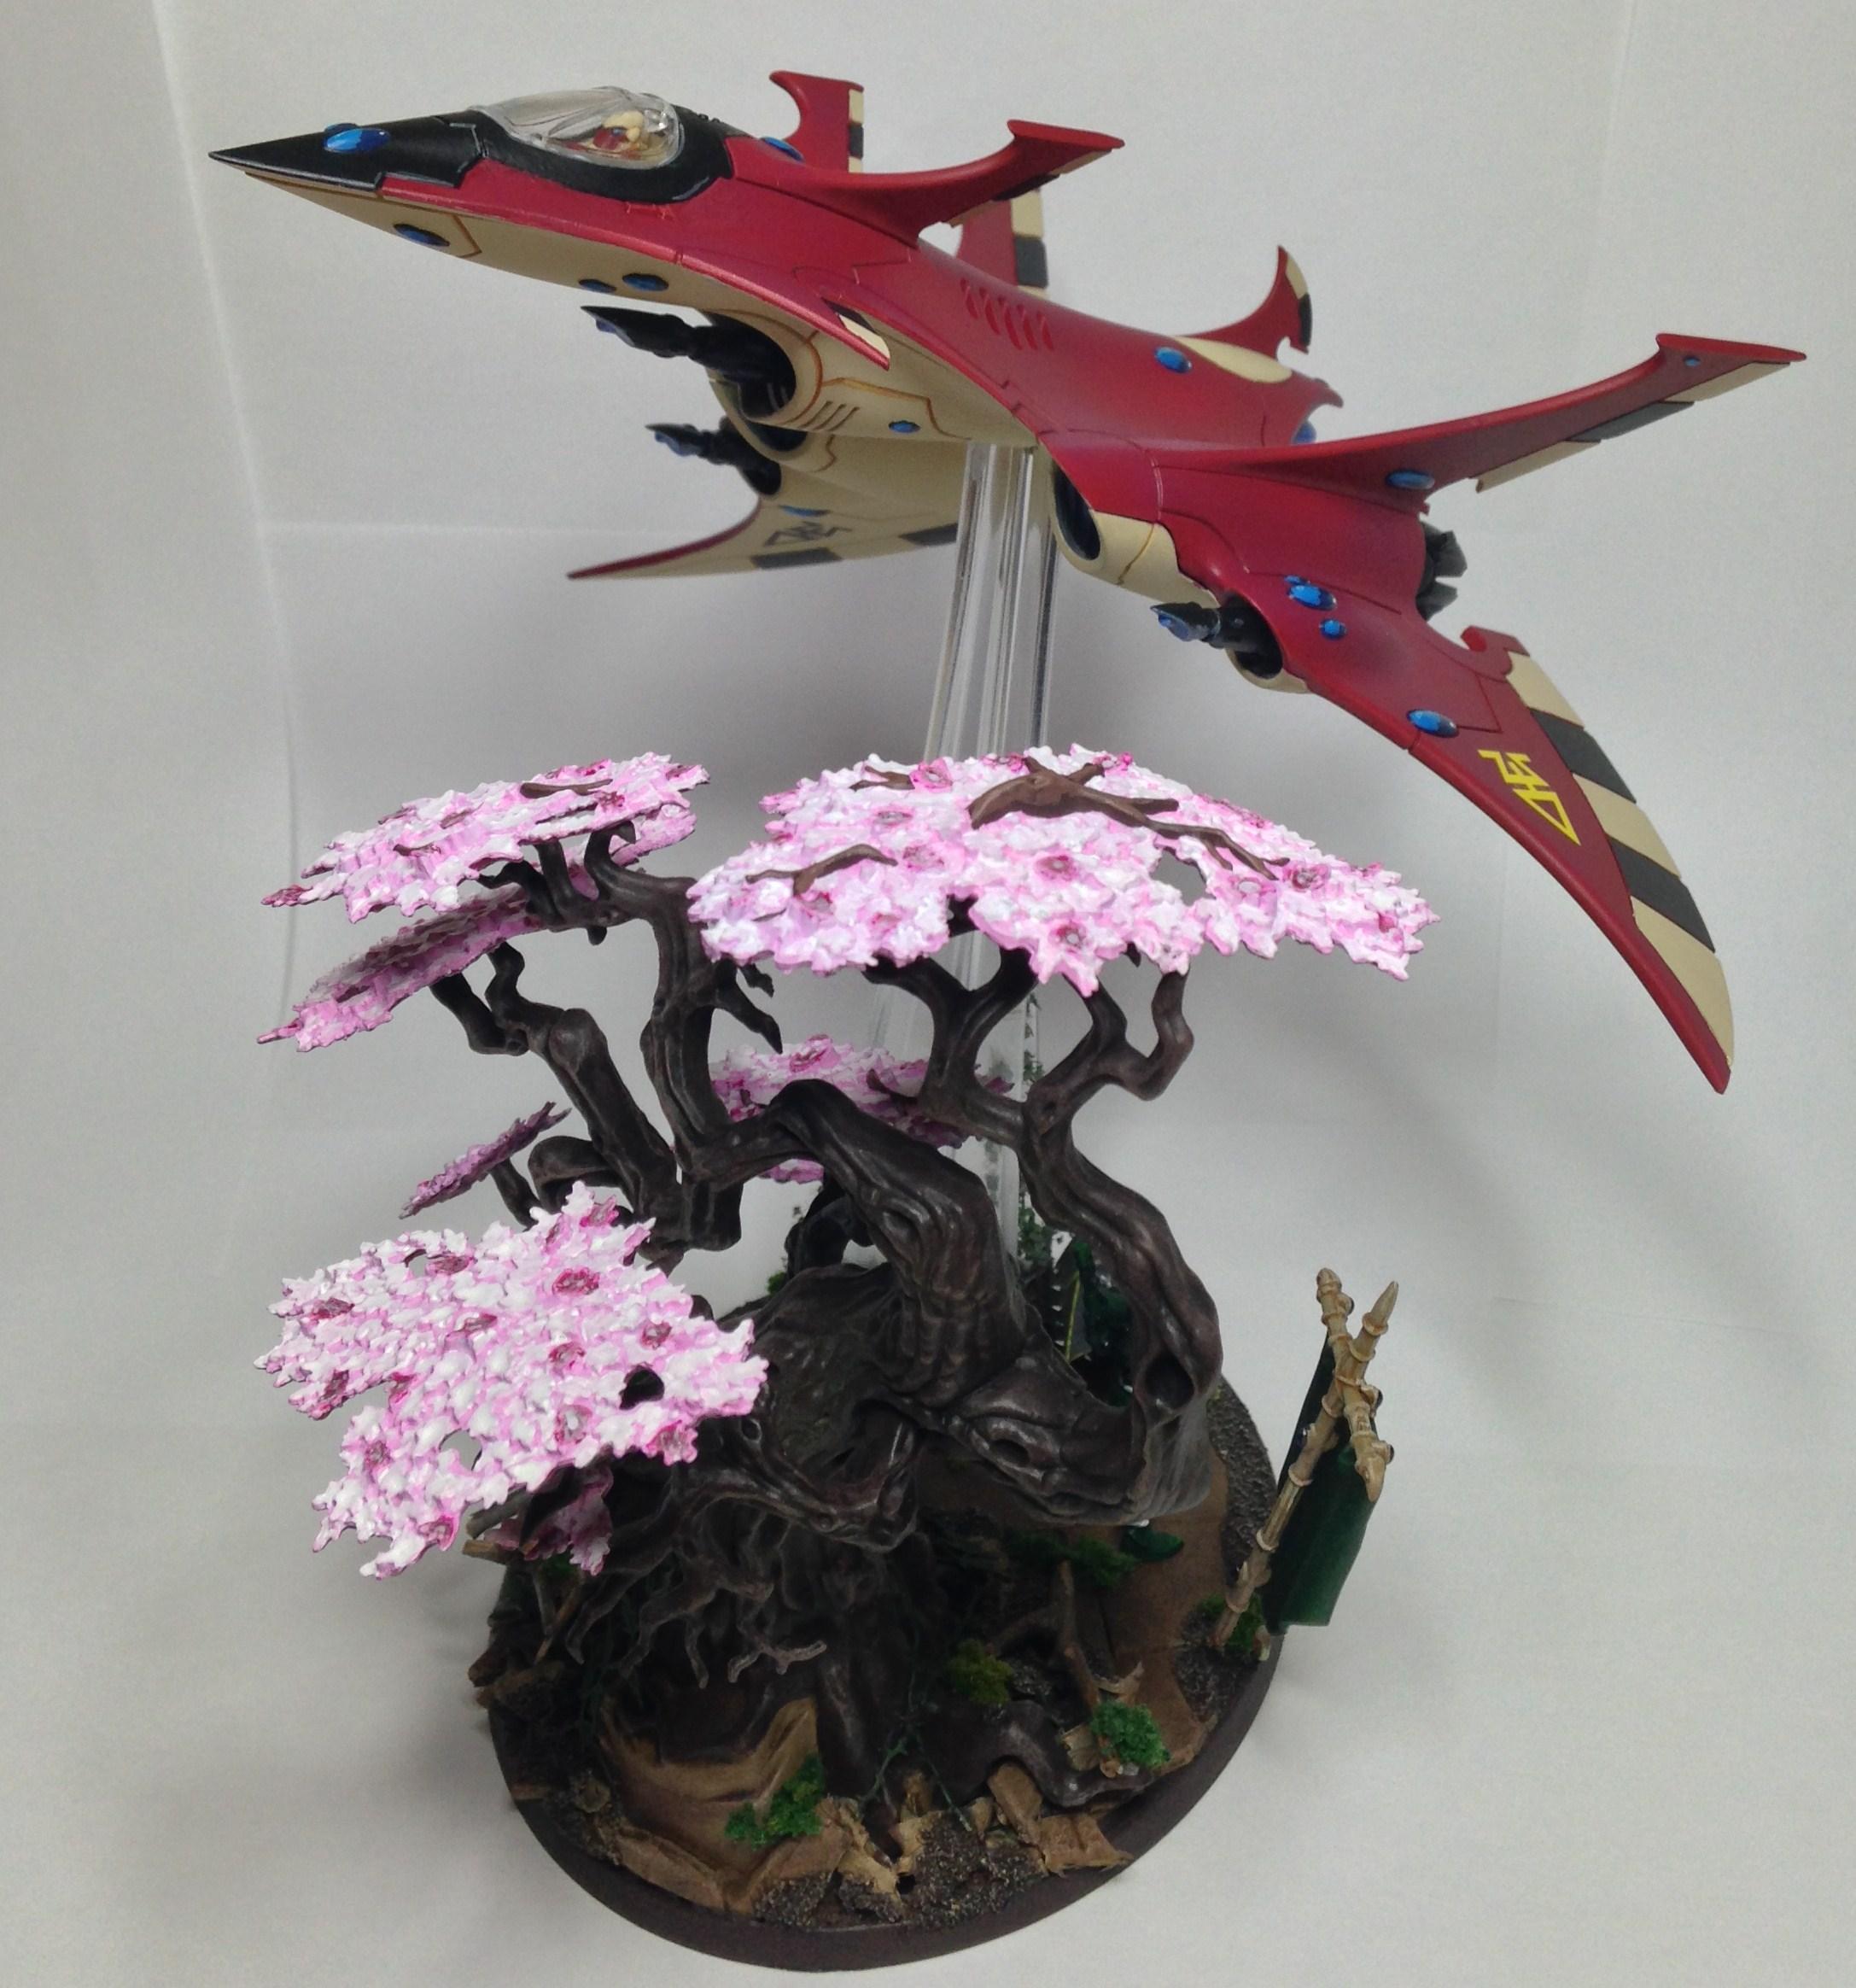 Asian, Blossom, Chinese, Crimson, Crimson Hunter, Eldar, Flyer, Hunter, Japanese, Plane, Trees